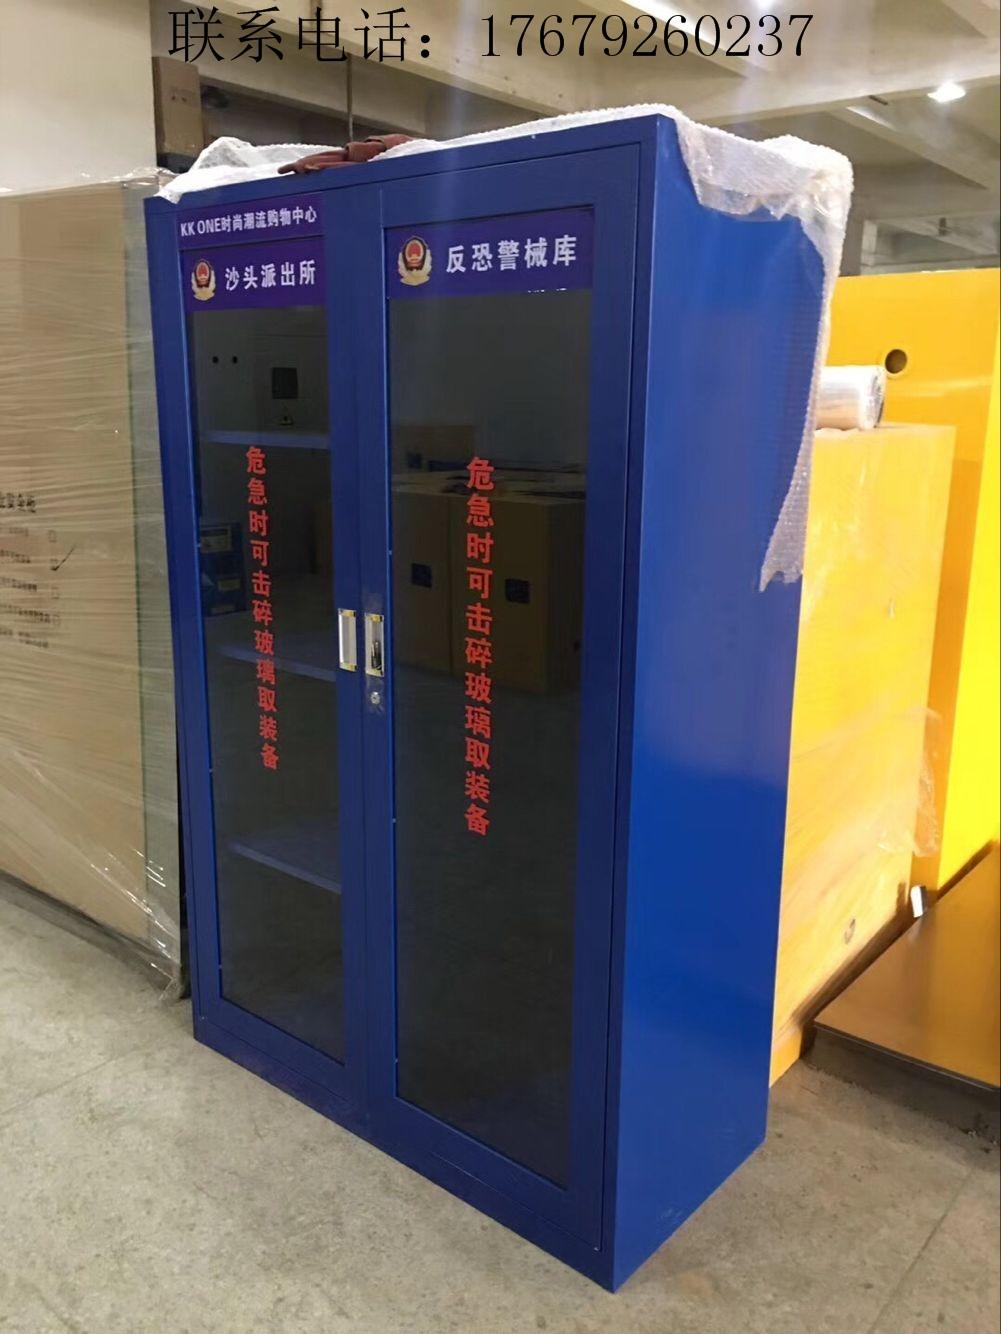 装备柜  不锈钢单警装备柜 装备器械柜有现货特价销售